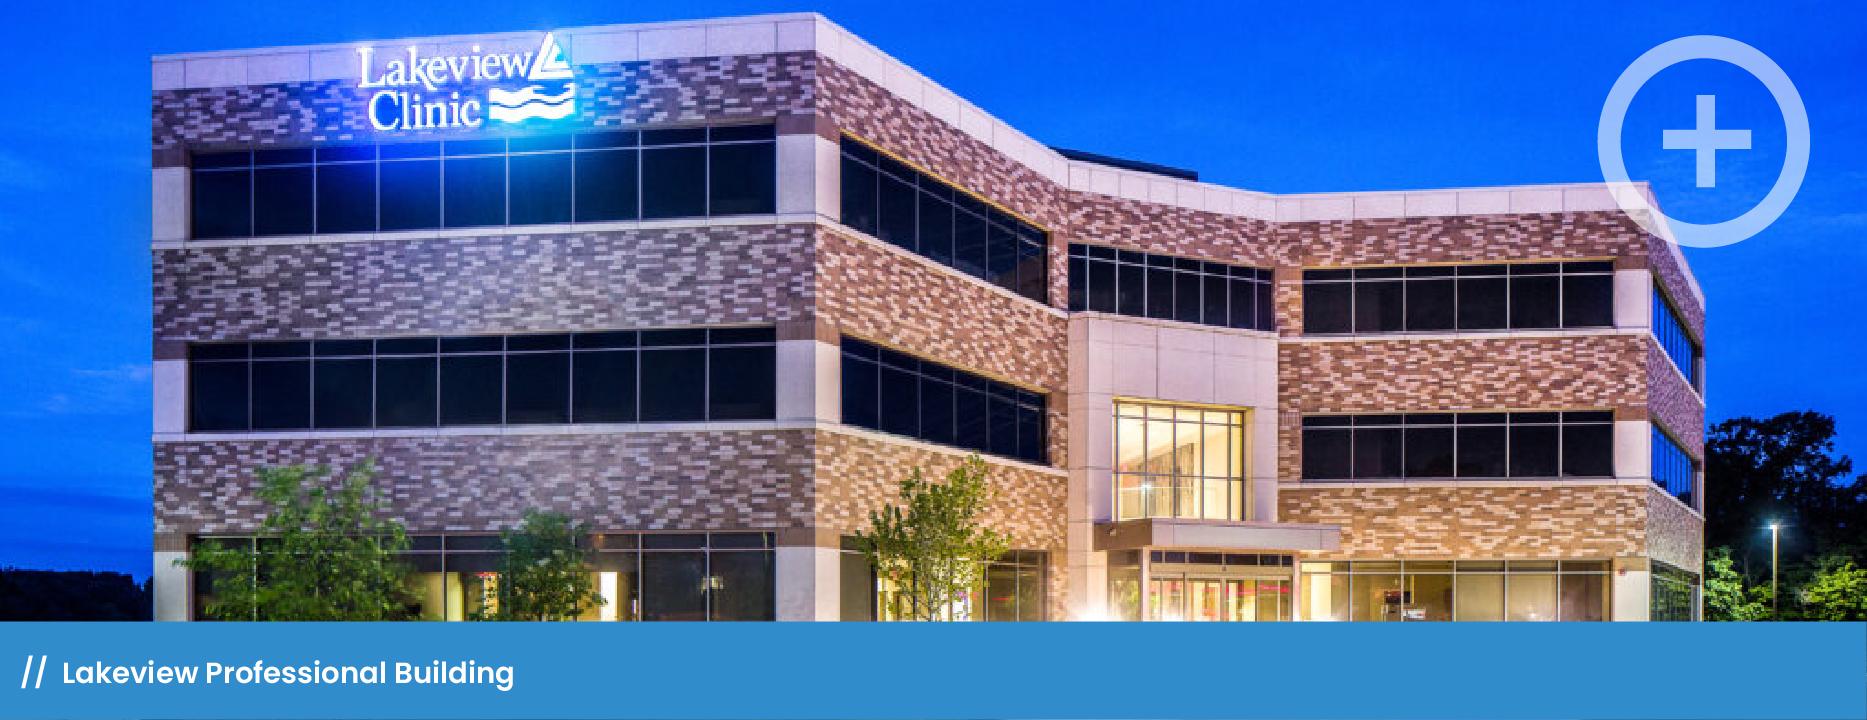 Yanik-Watermark_Lakeview Professional Building